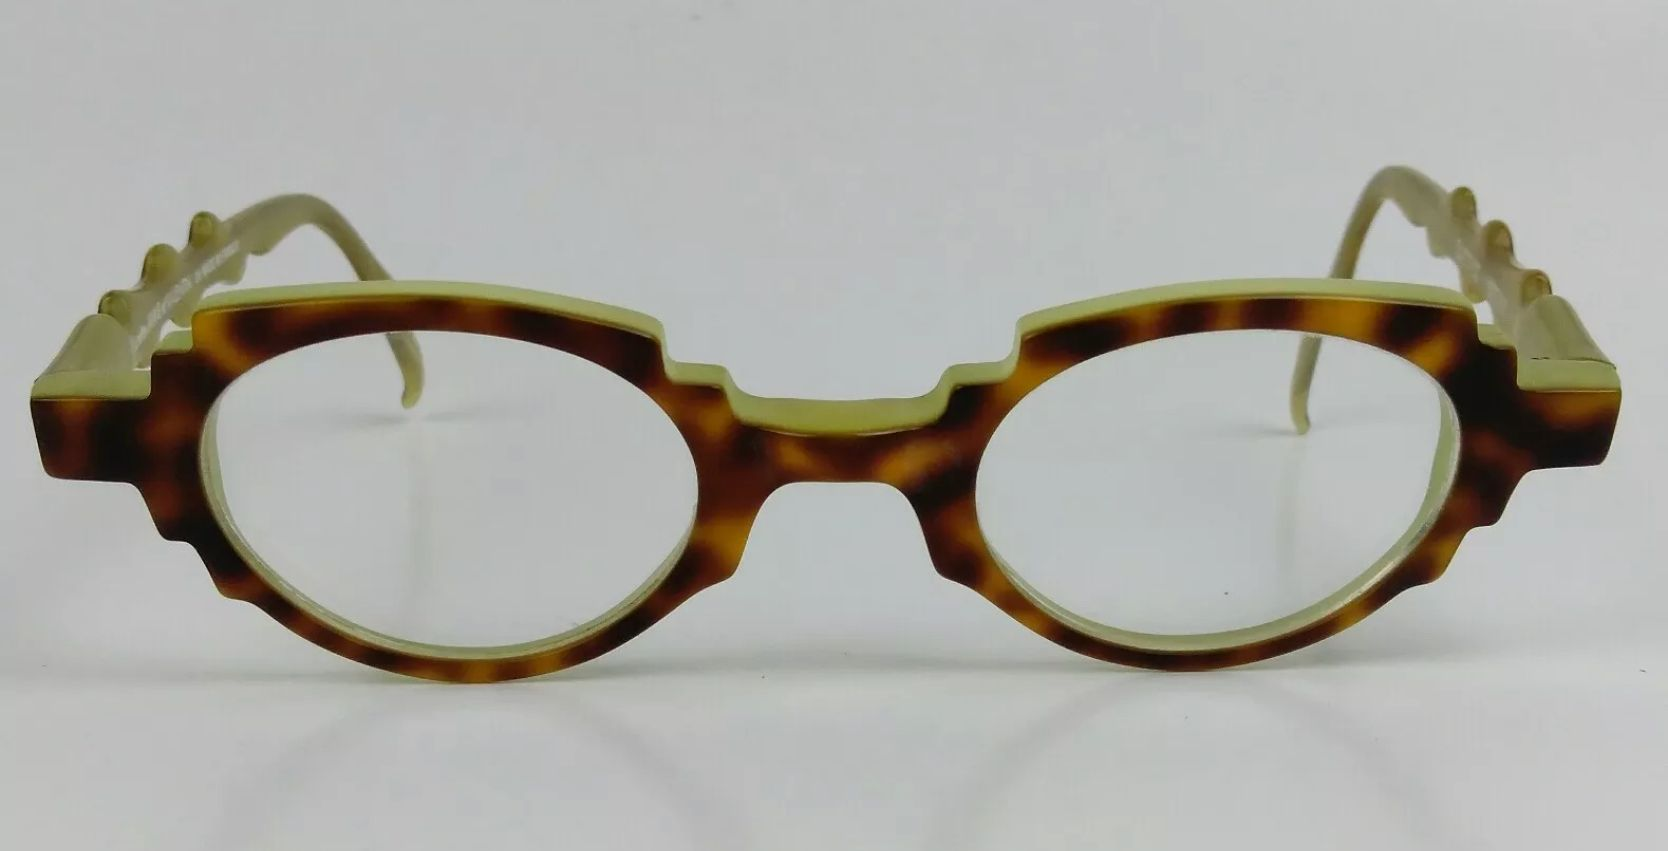 Encontre este Pin e muitos outros na pasta Glasses de kittyafloat. 7112b882f6